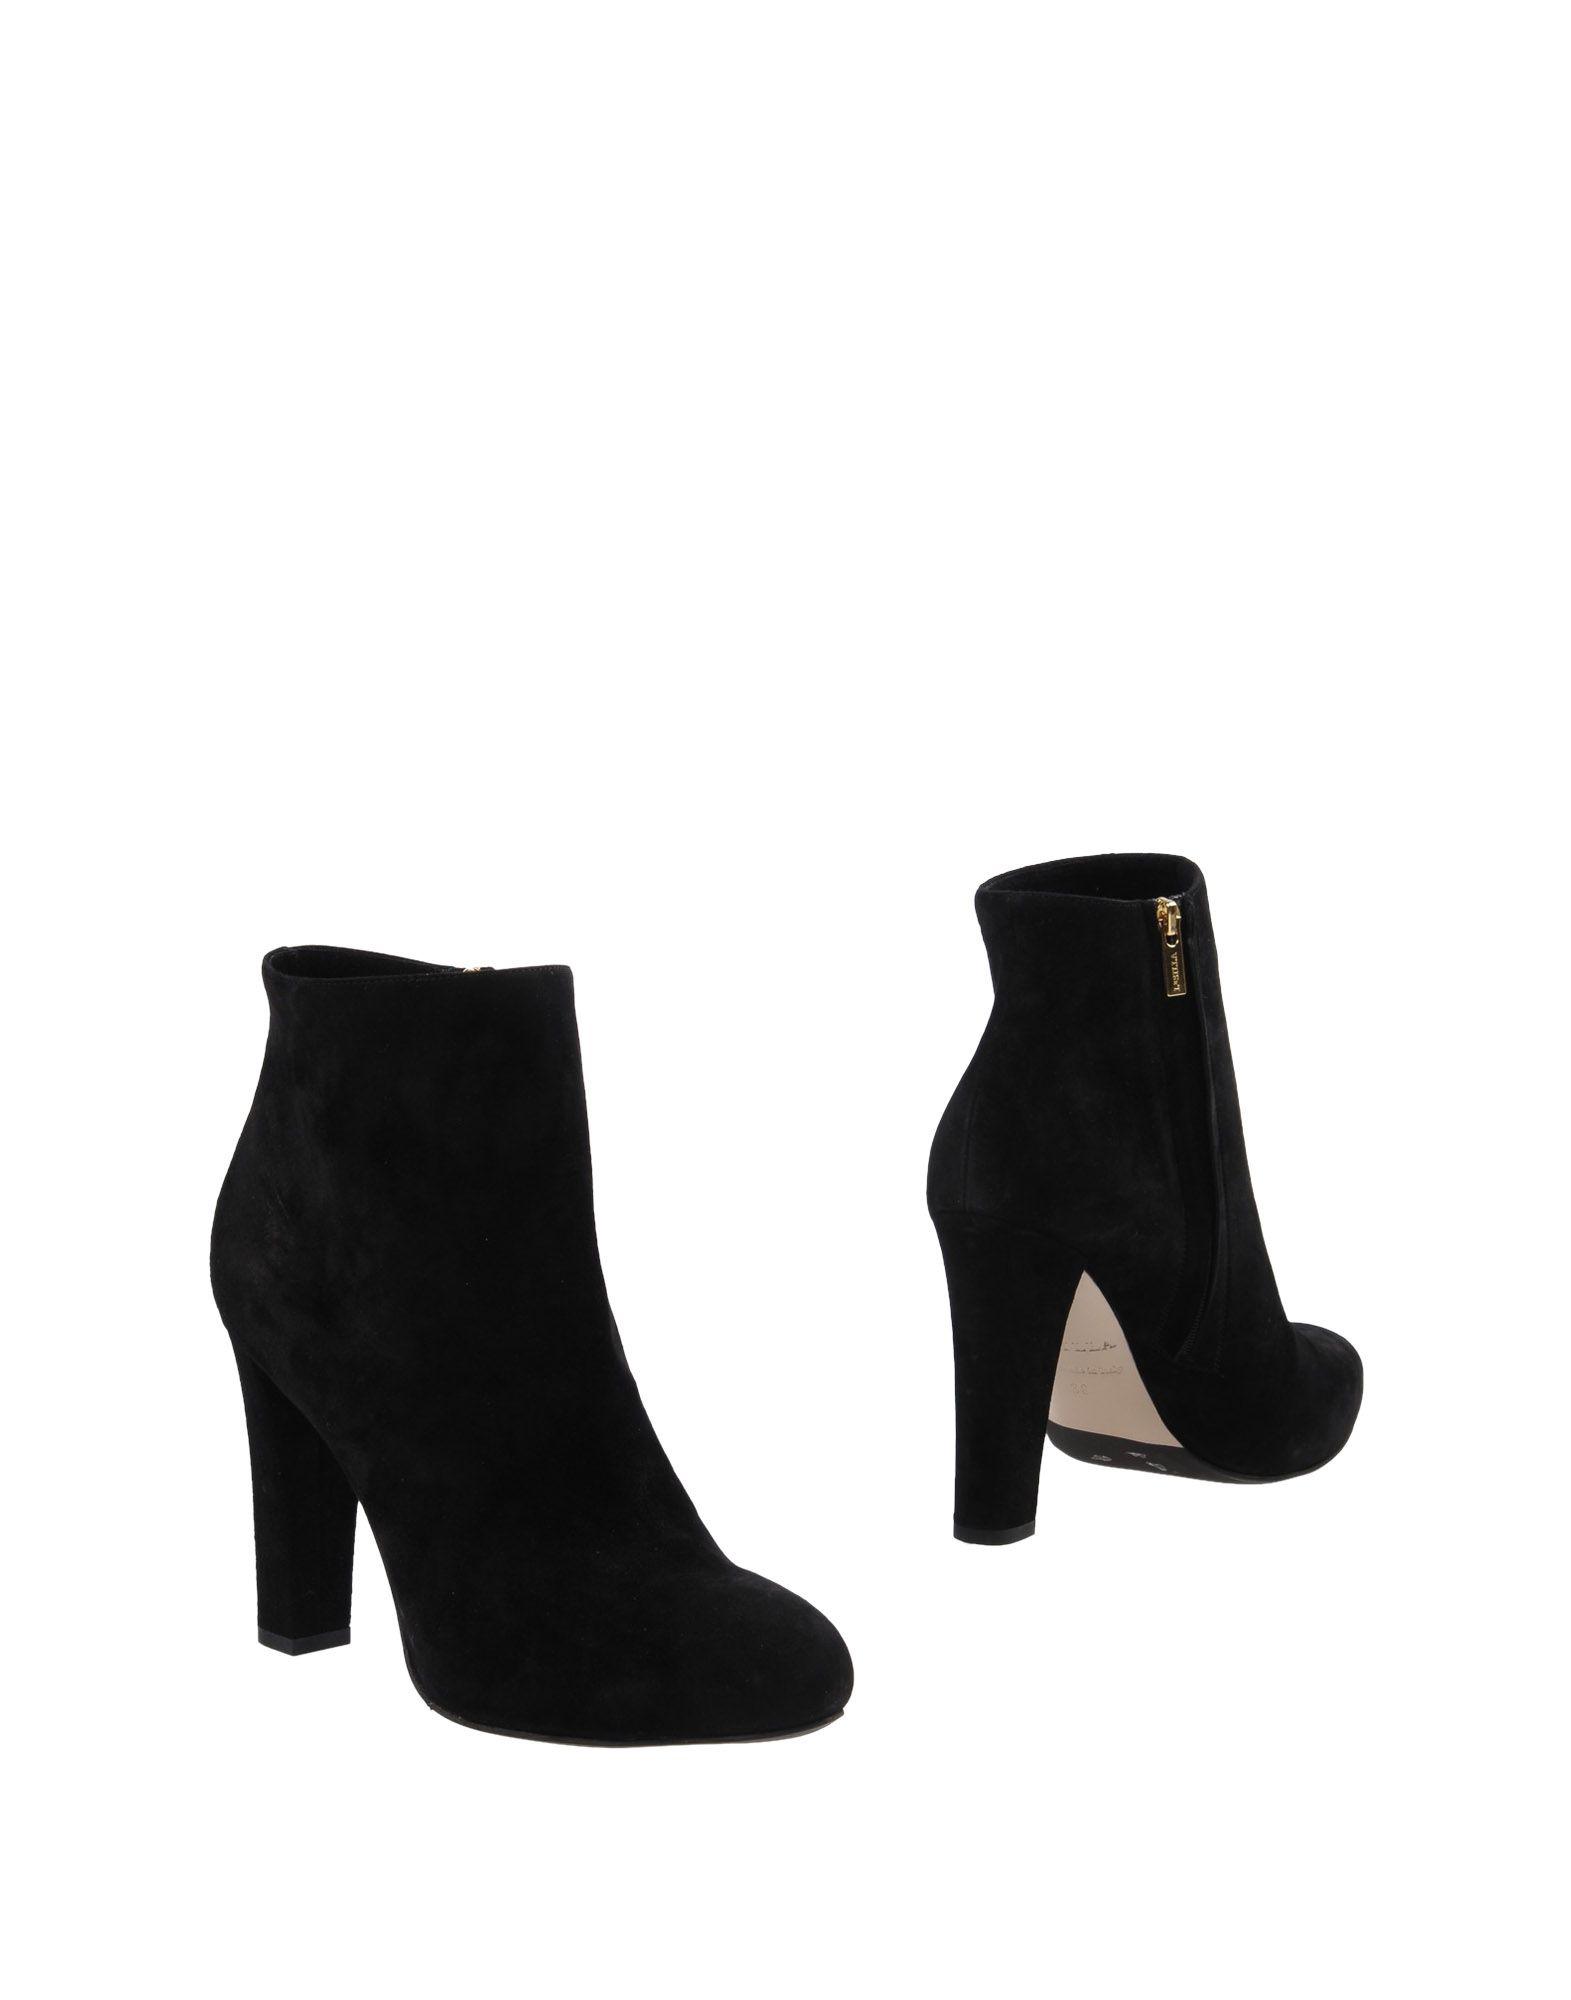 Le Silla Stiefelette Damen  11338971BDGünstige gut aussehende Schuhe